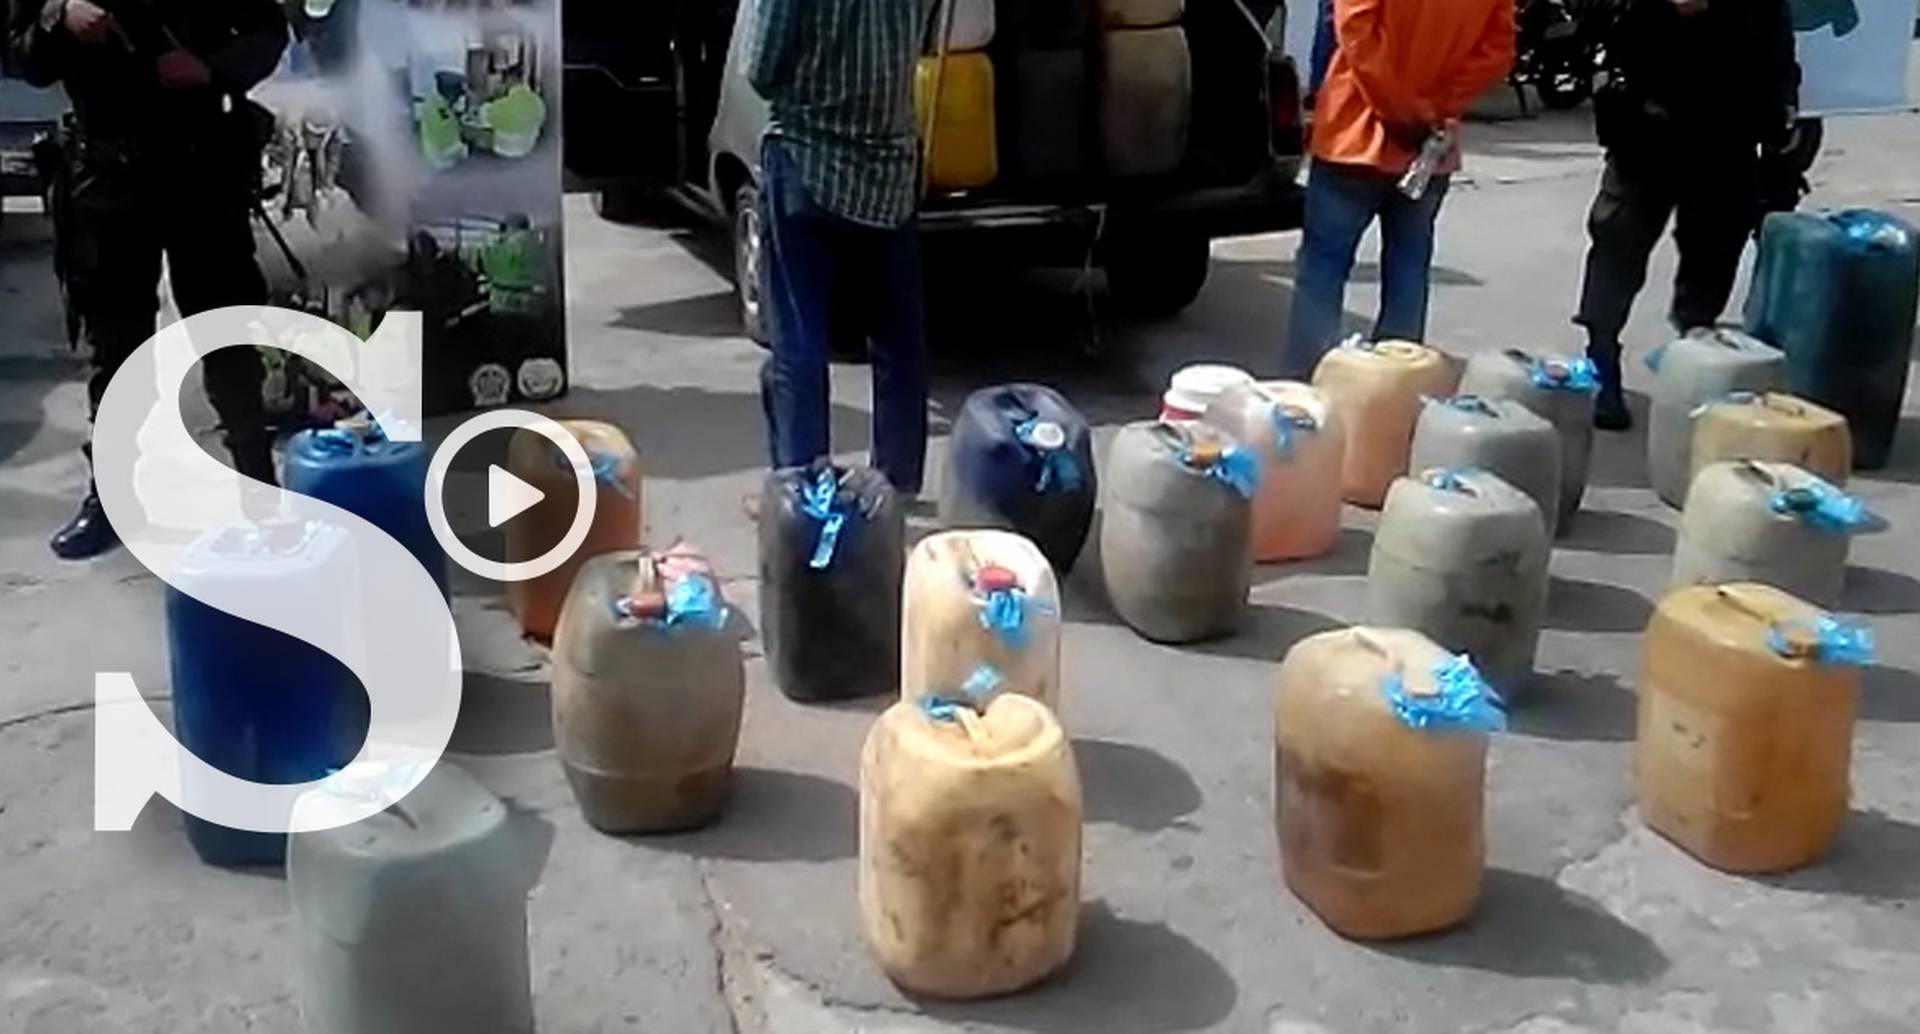 En los últimos días la Policía en La Guajira ha incautado más de 1.000 millones de pesos en contrabando. Videos muestran cómo guardan el cargamento.